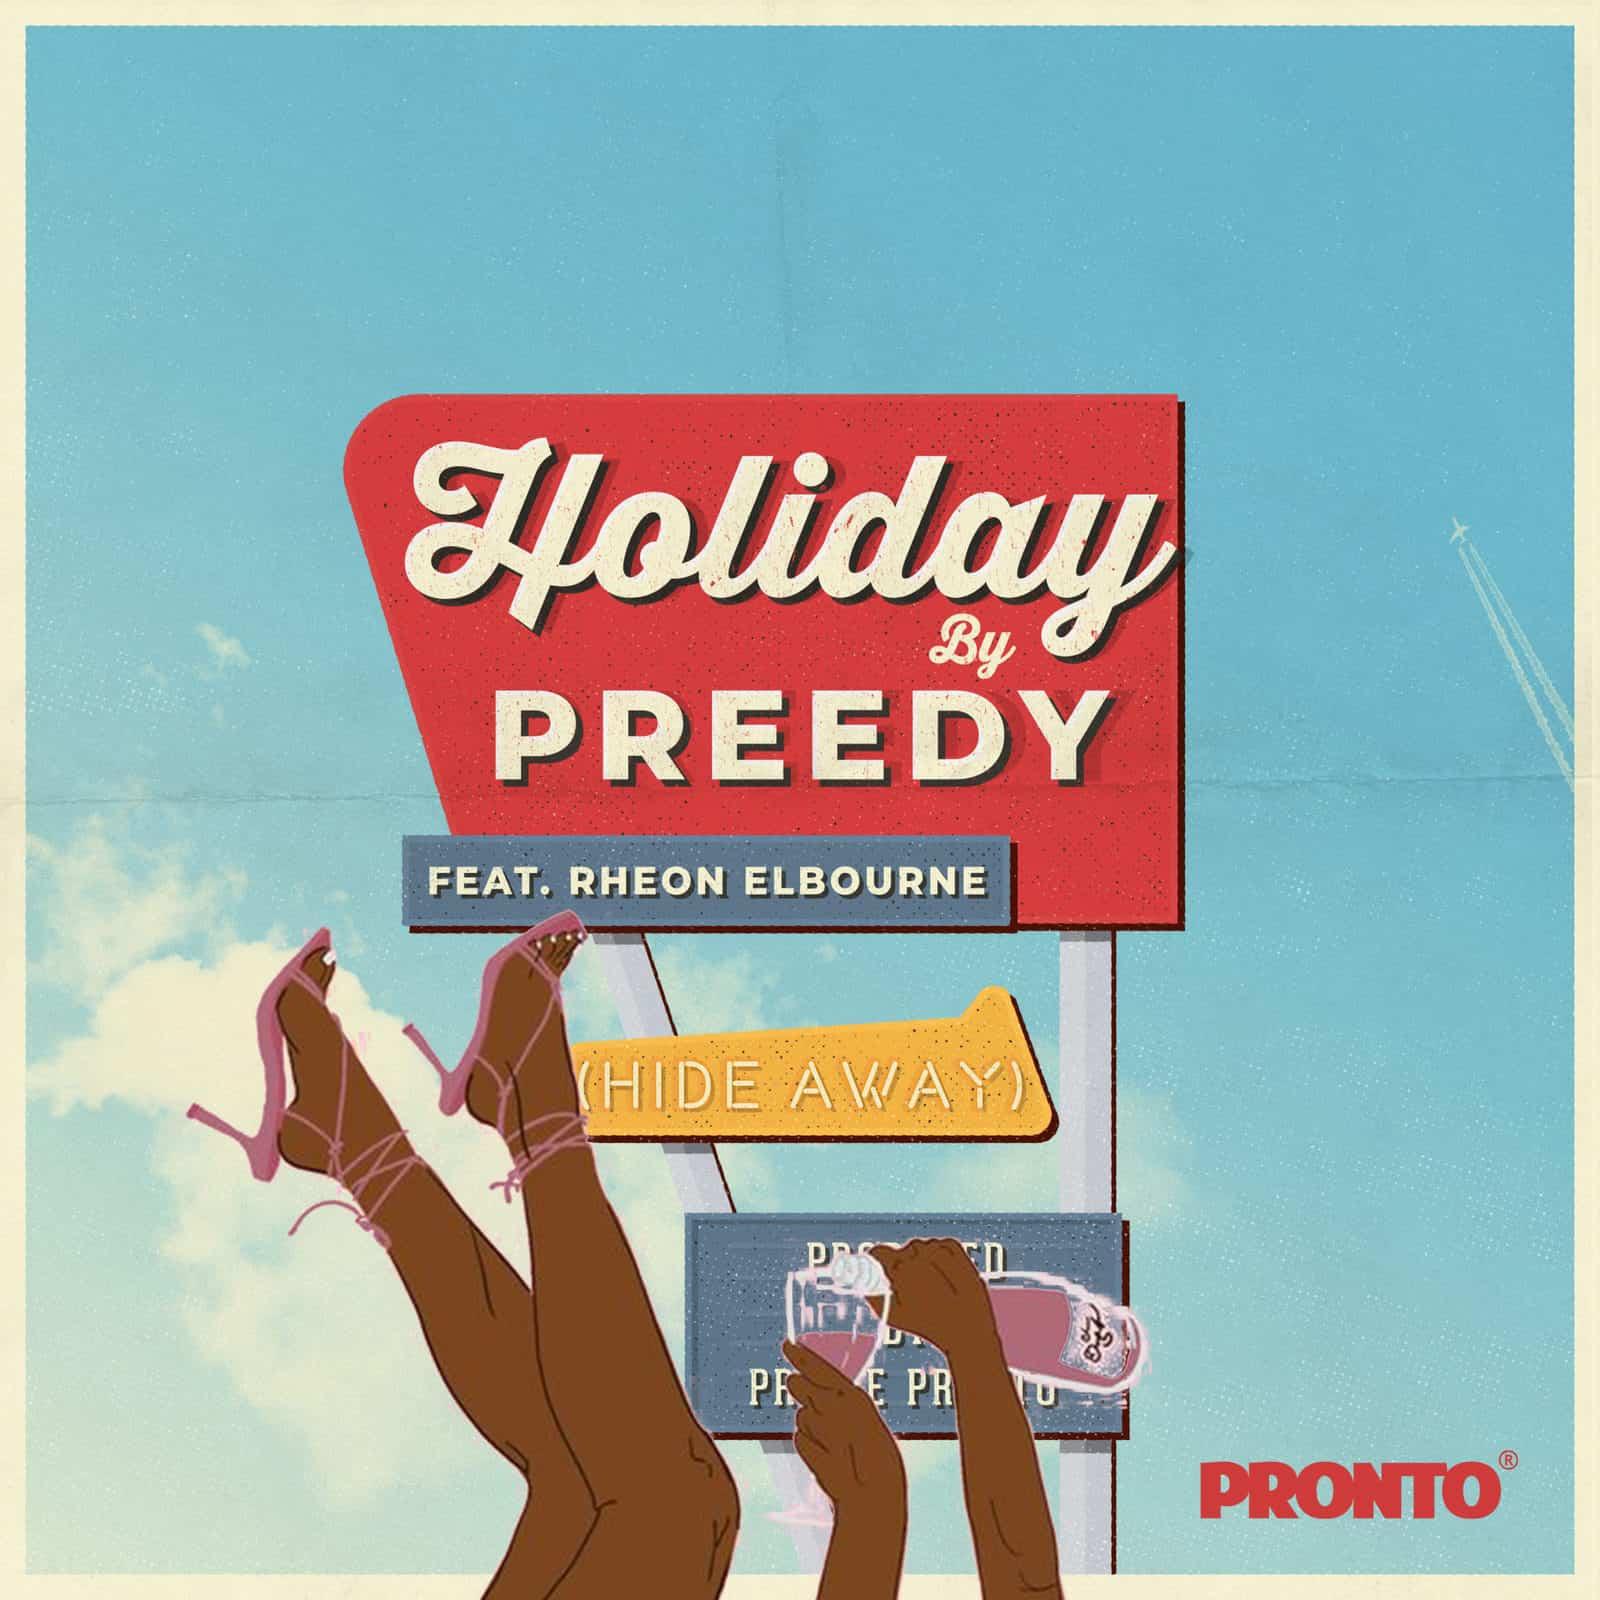 Preedy - Holiday ft. Rheon Elbourne